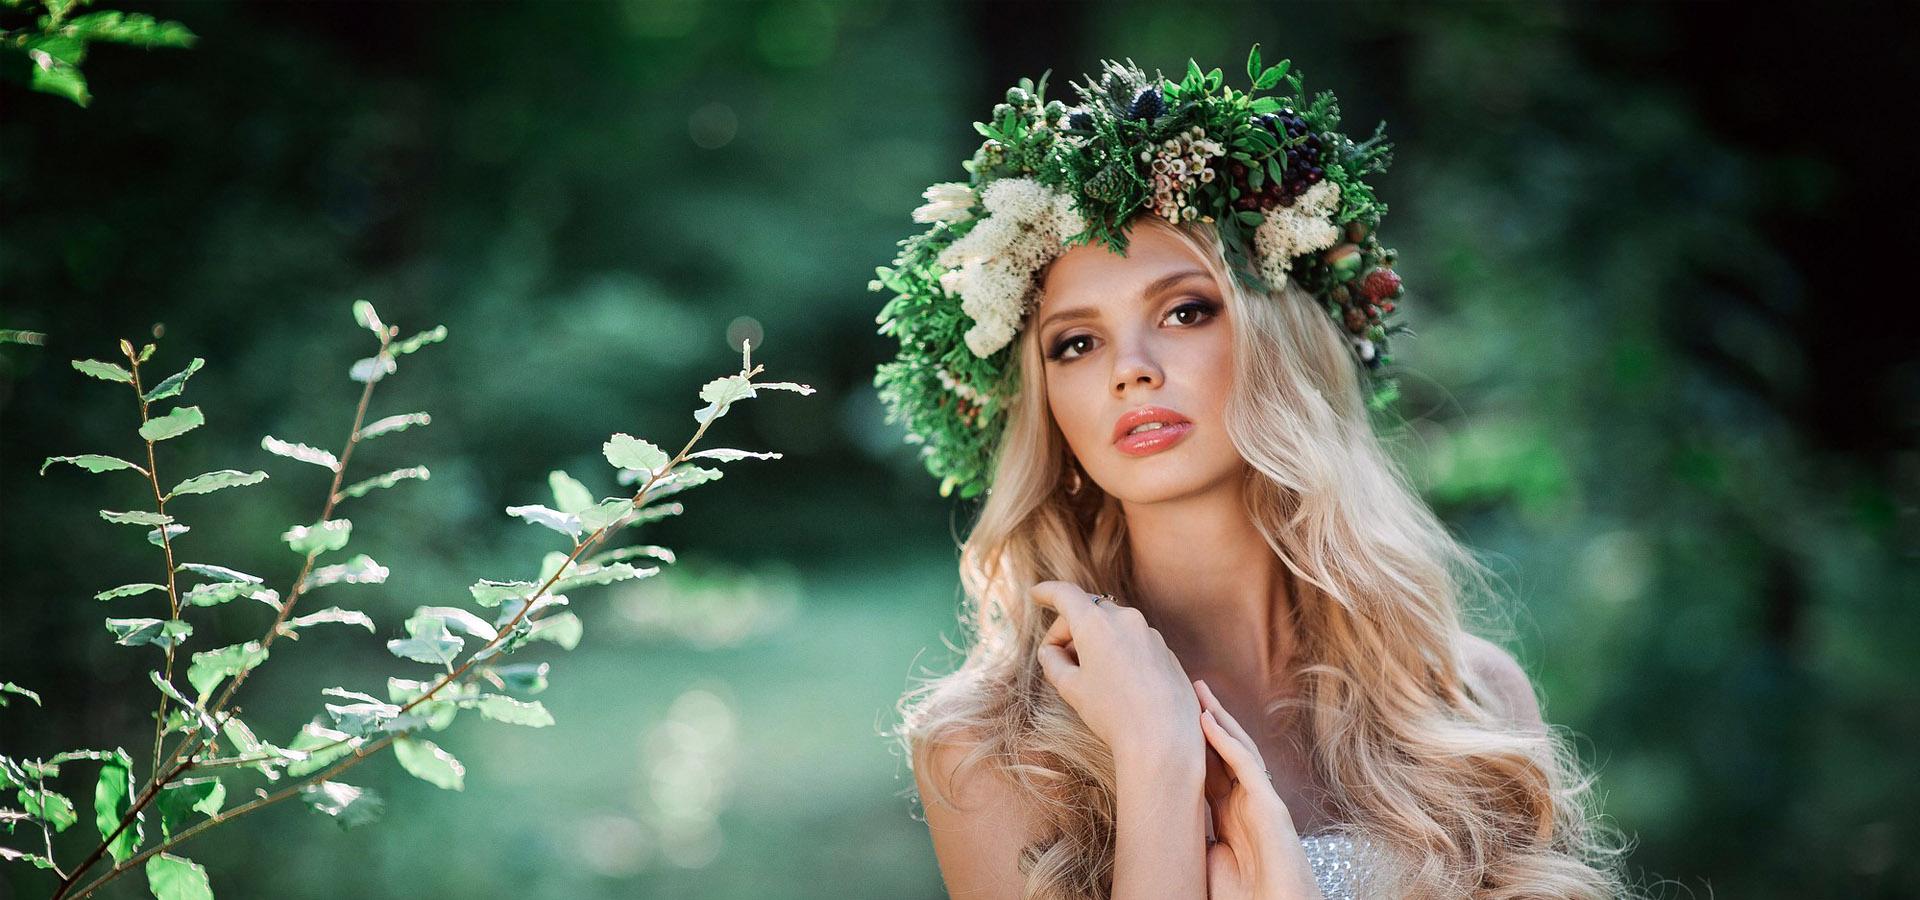 Главный тренд для невесты 2017 года - цветы в волосах